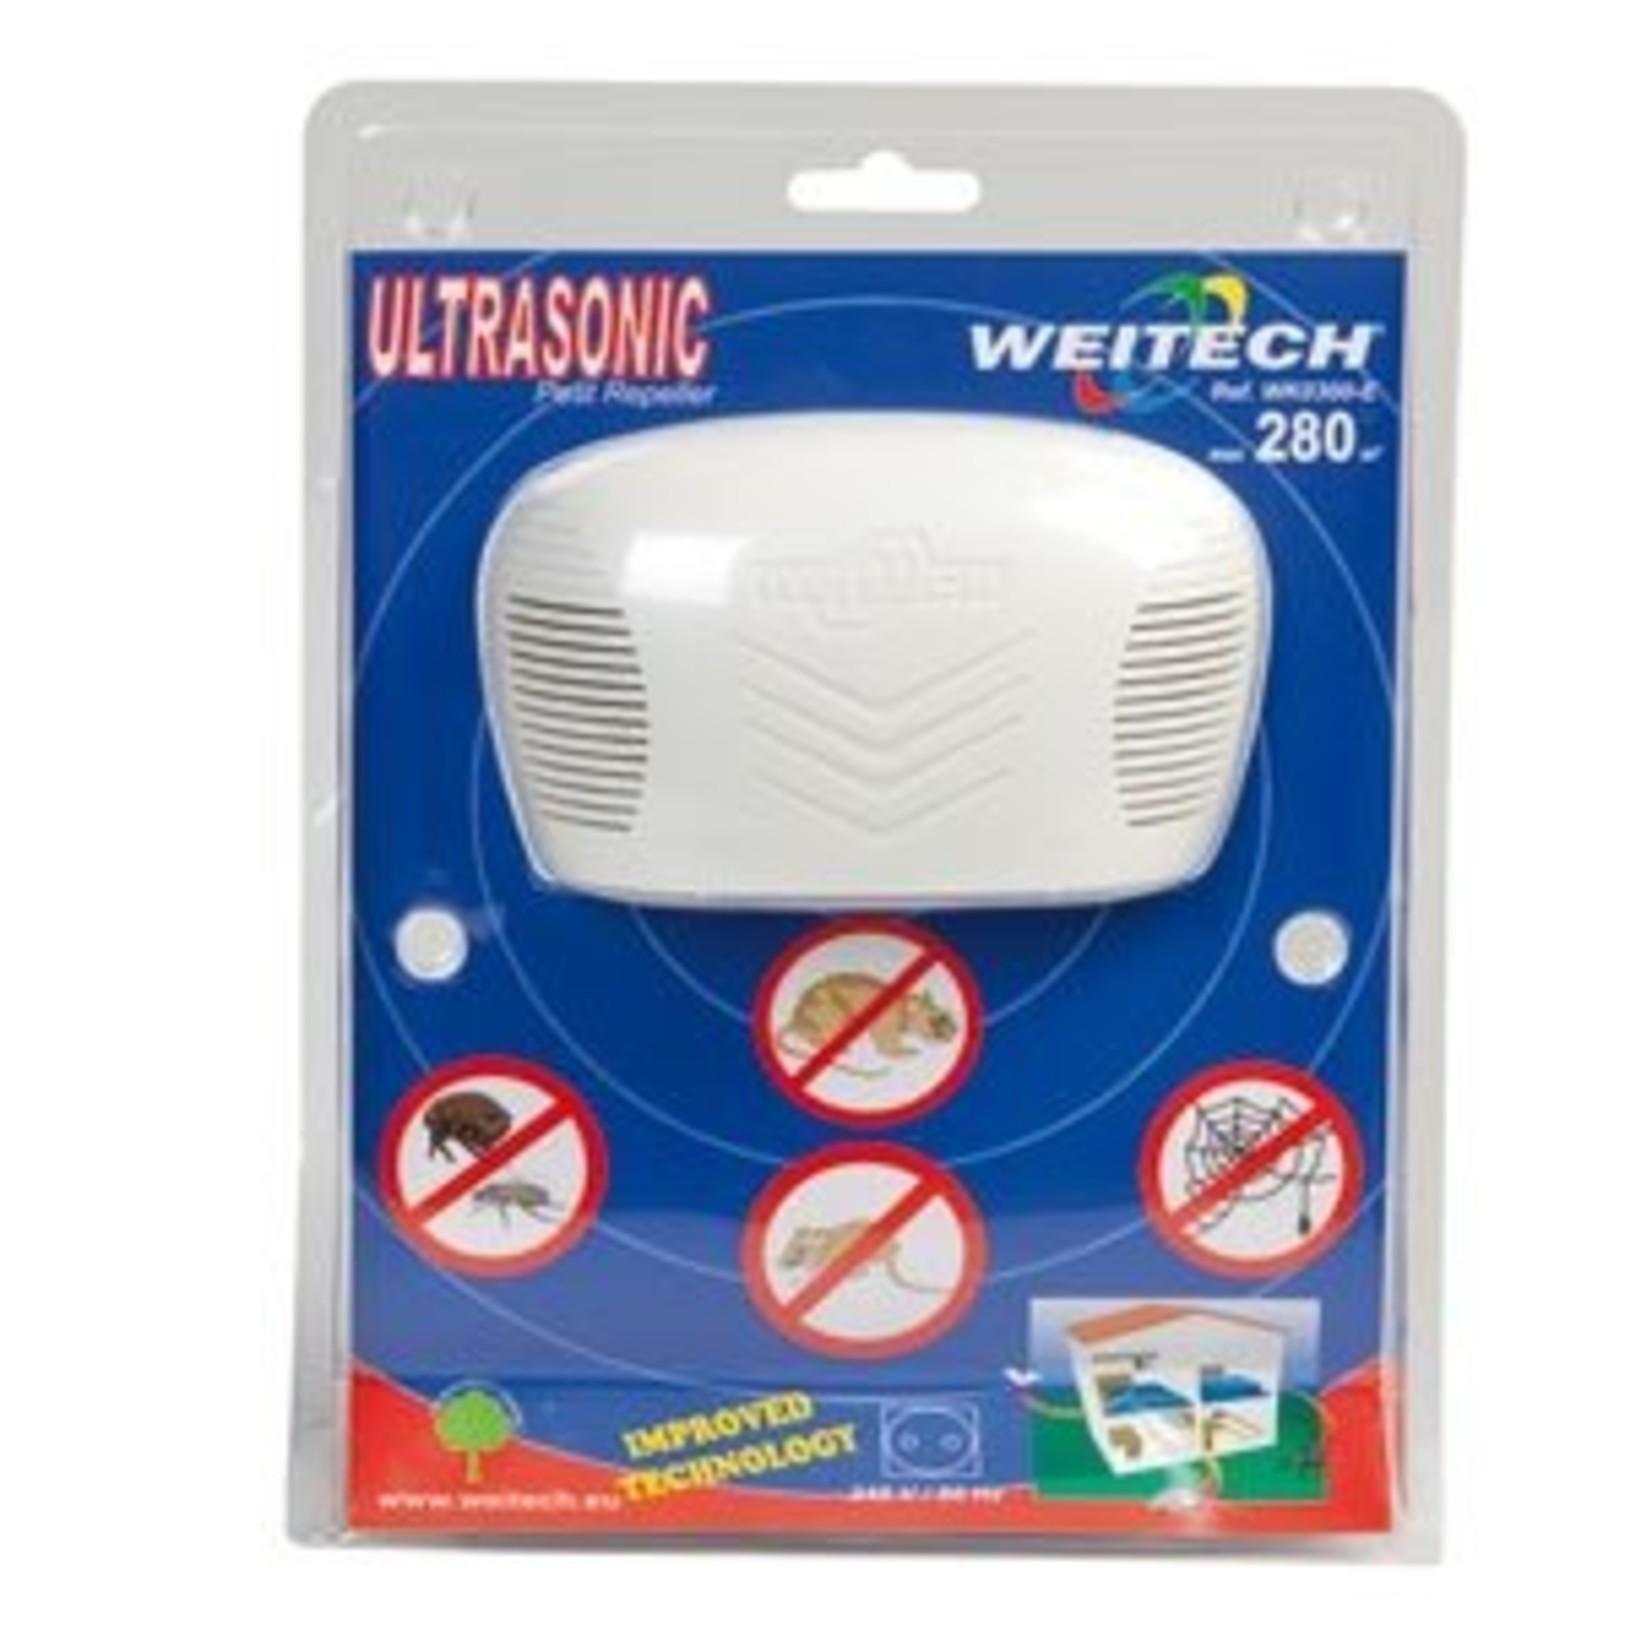 Weitech Weitech Pest Repeller WK0300-E